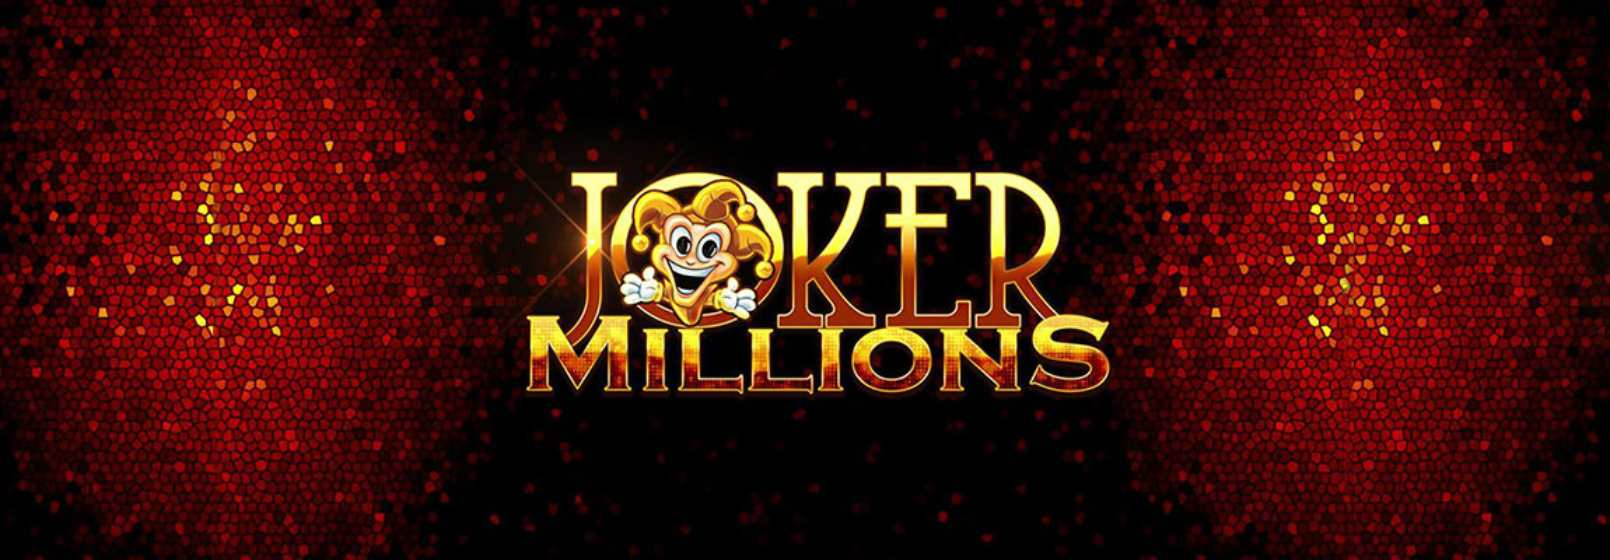 record joker millions jackpot